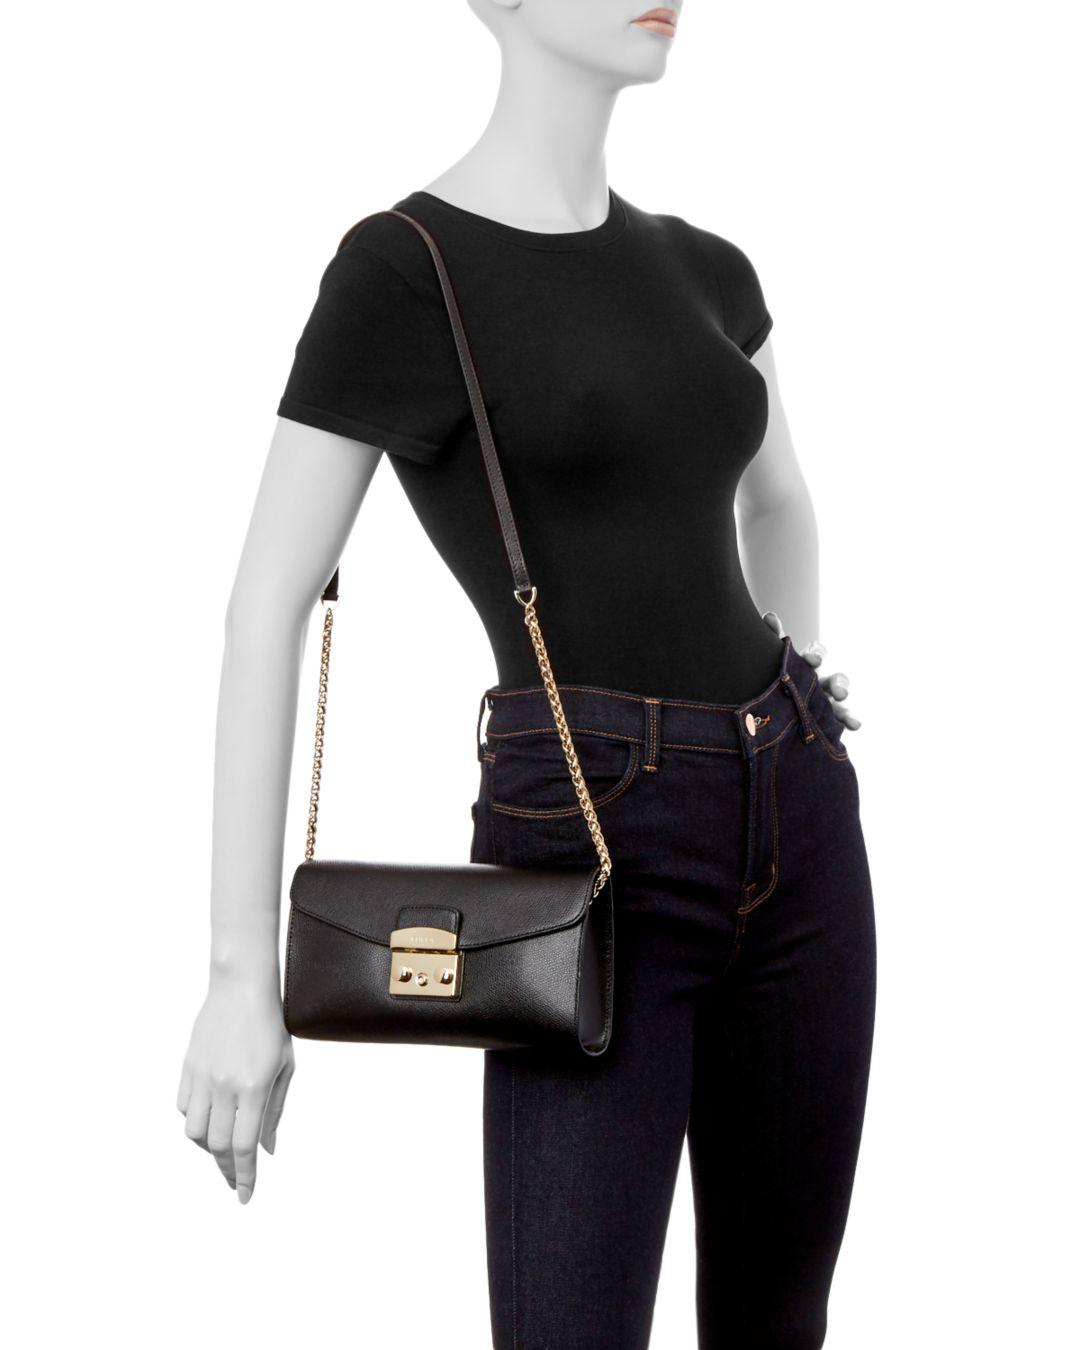 543e37f876 Lyst - Furla Metropolis Small Leather Pochette in Black